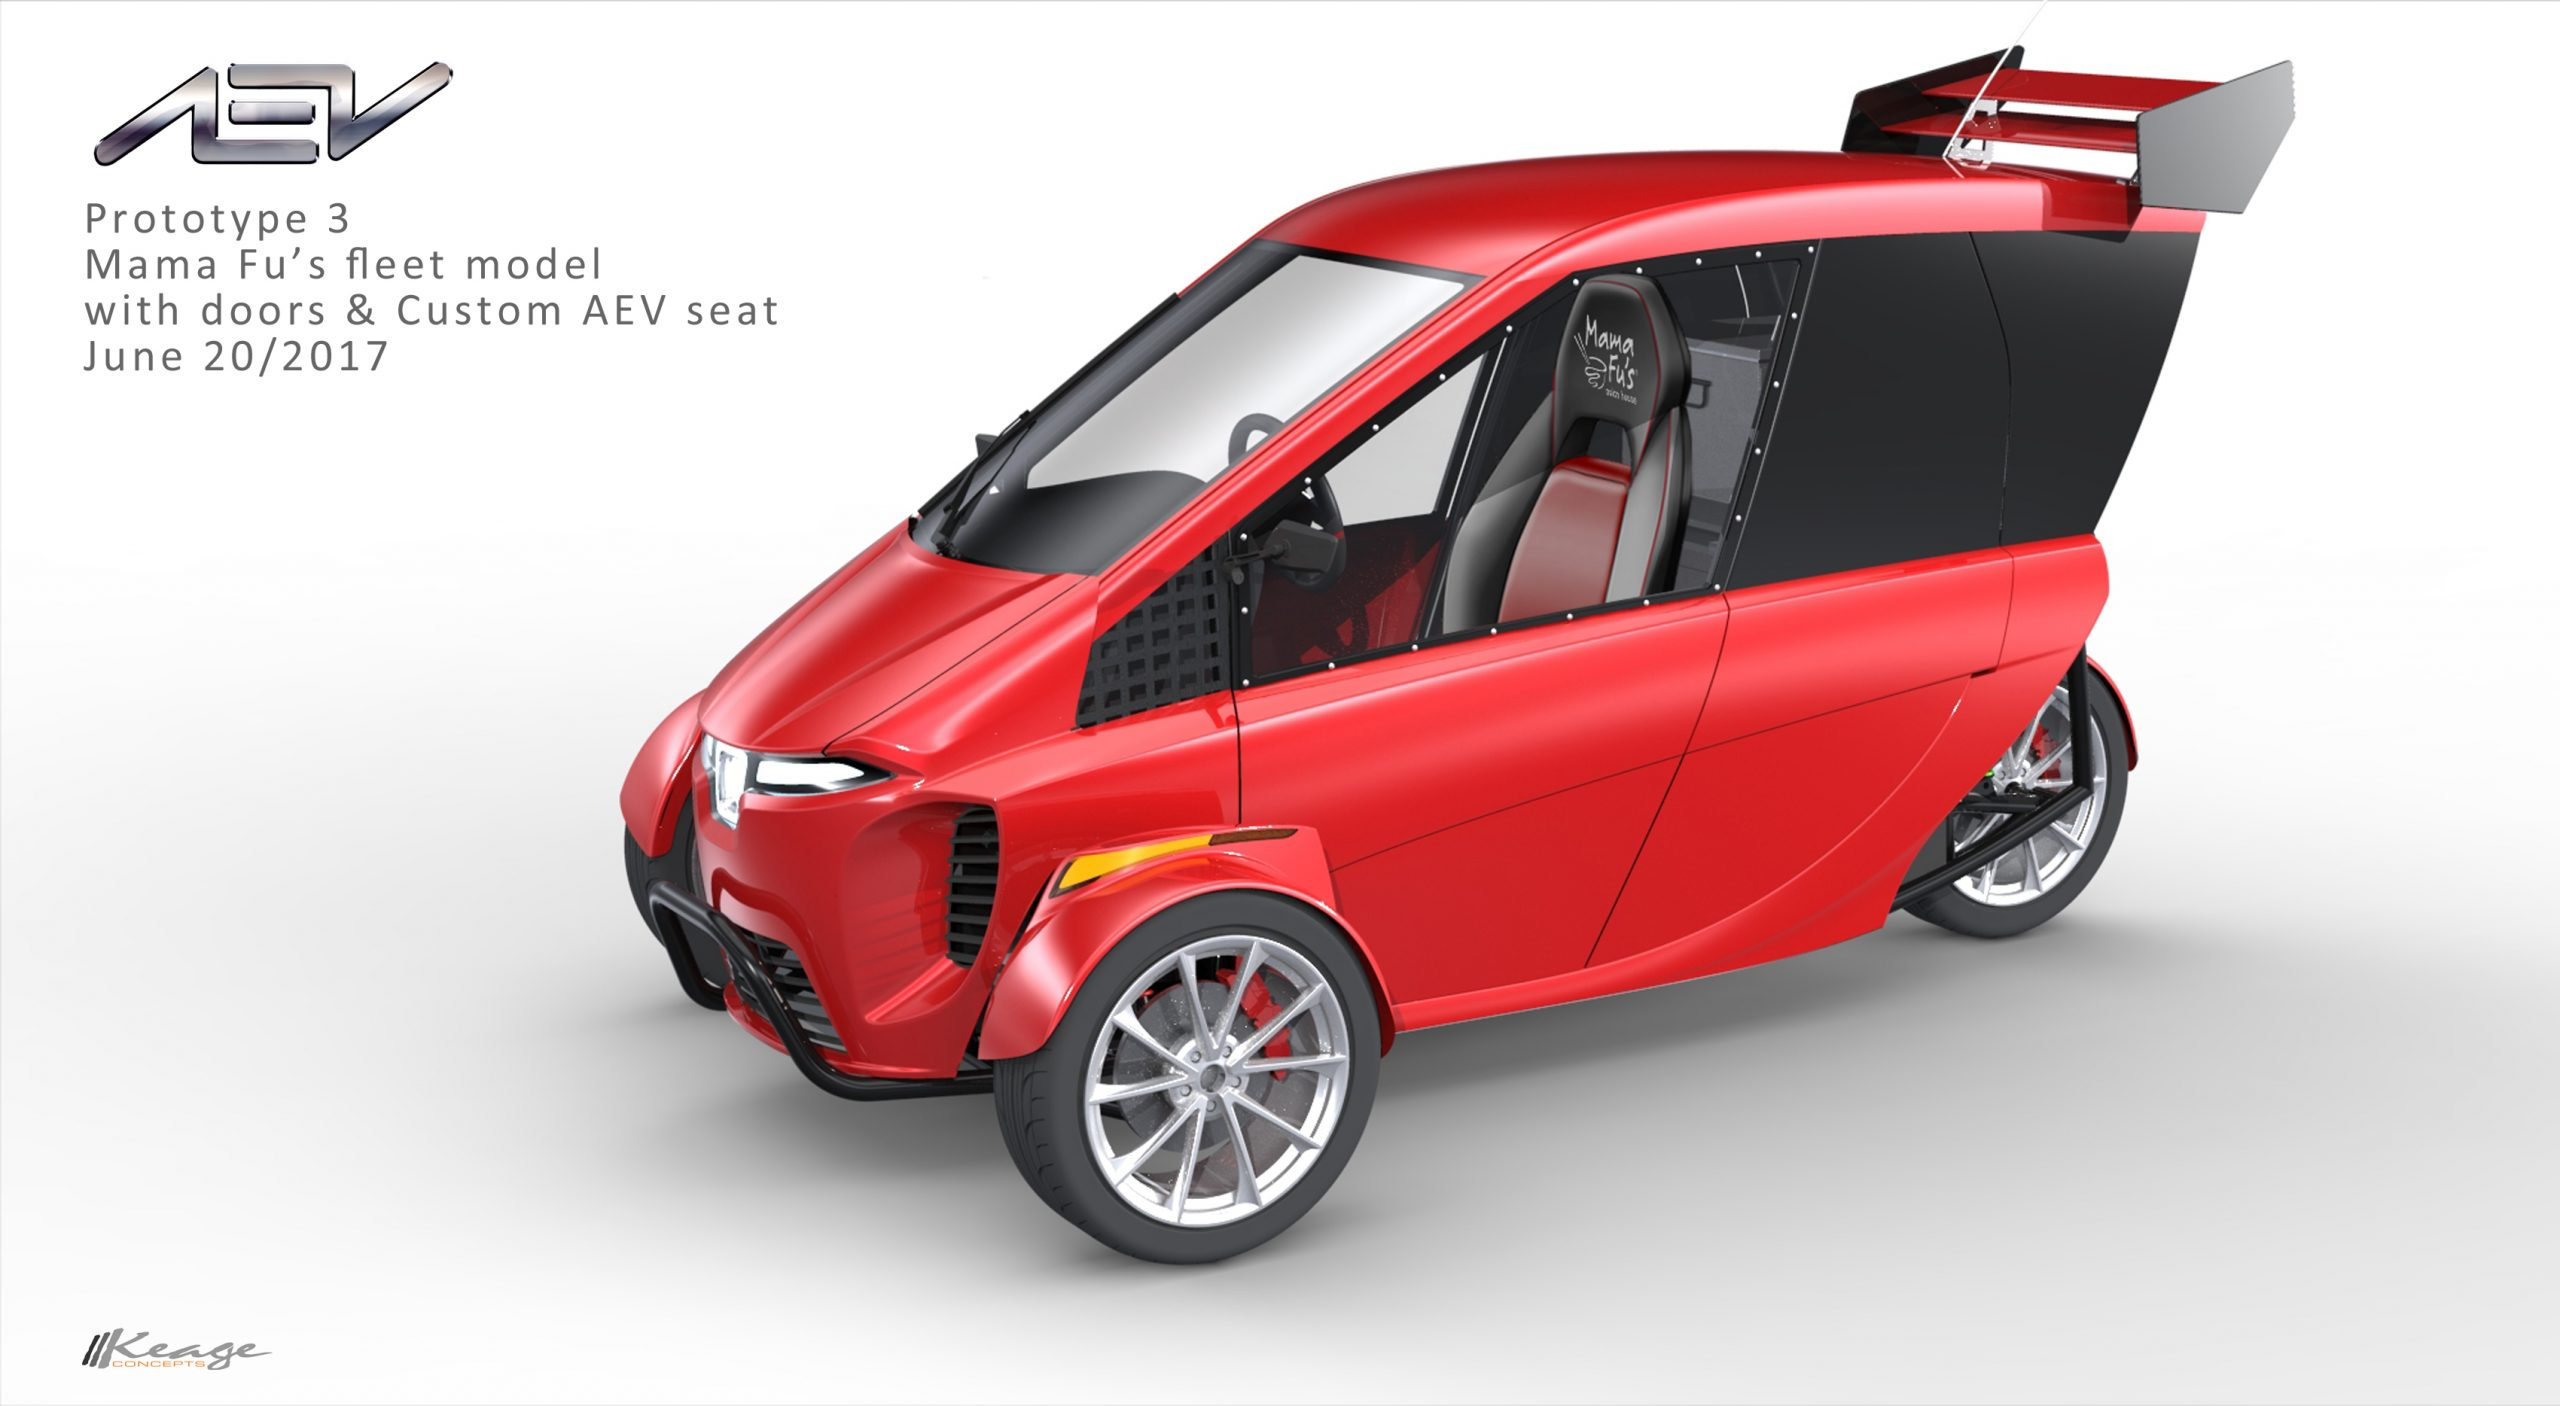 Ayro 311 Keage Concepts Calgary Alberta Automotive Design